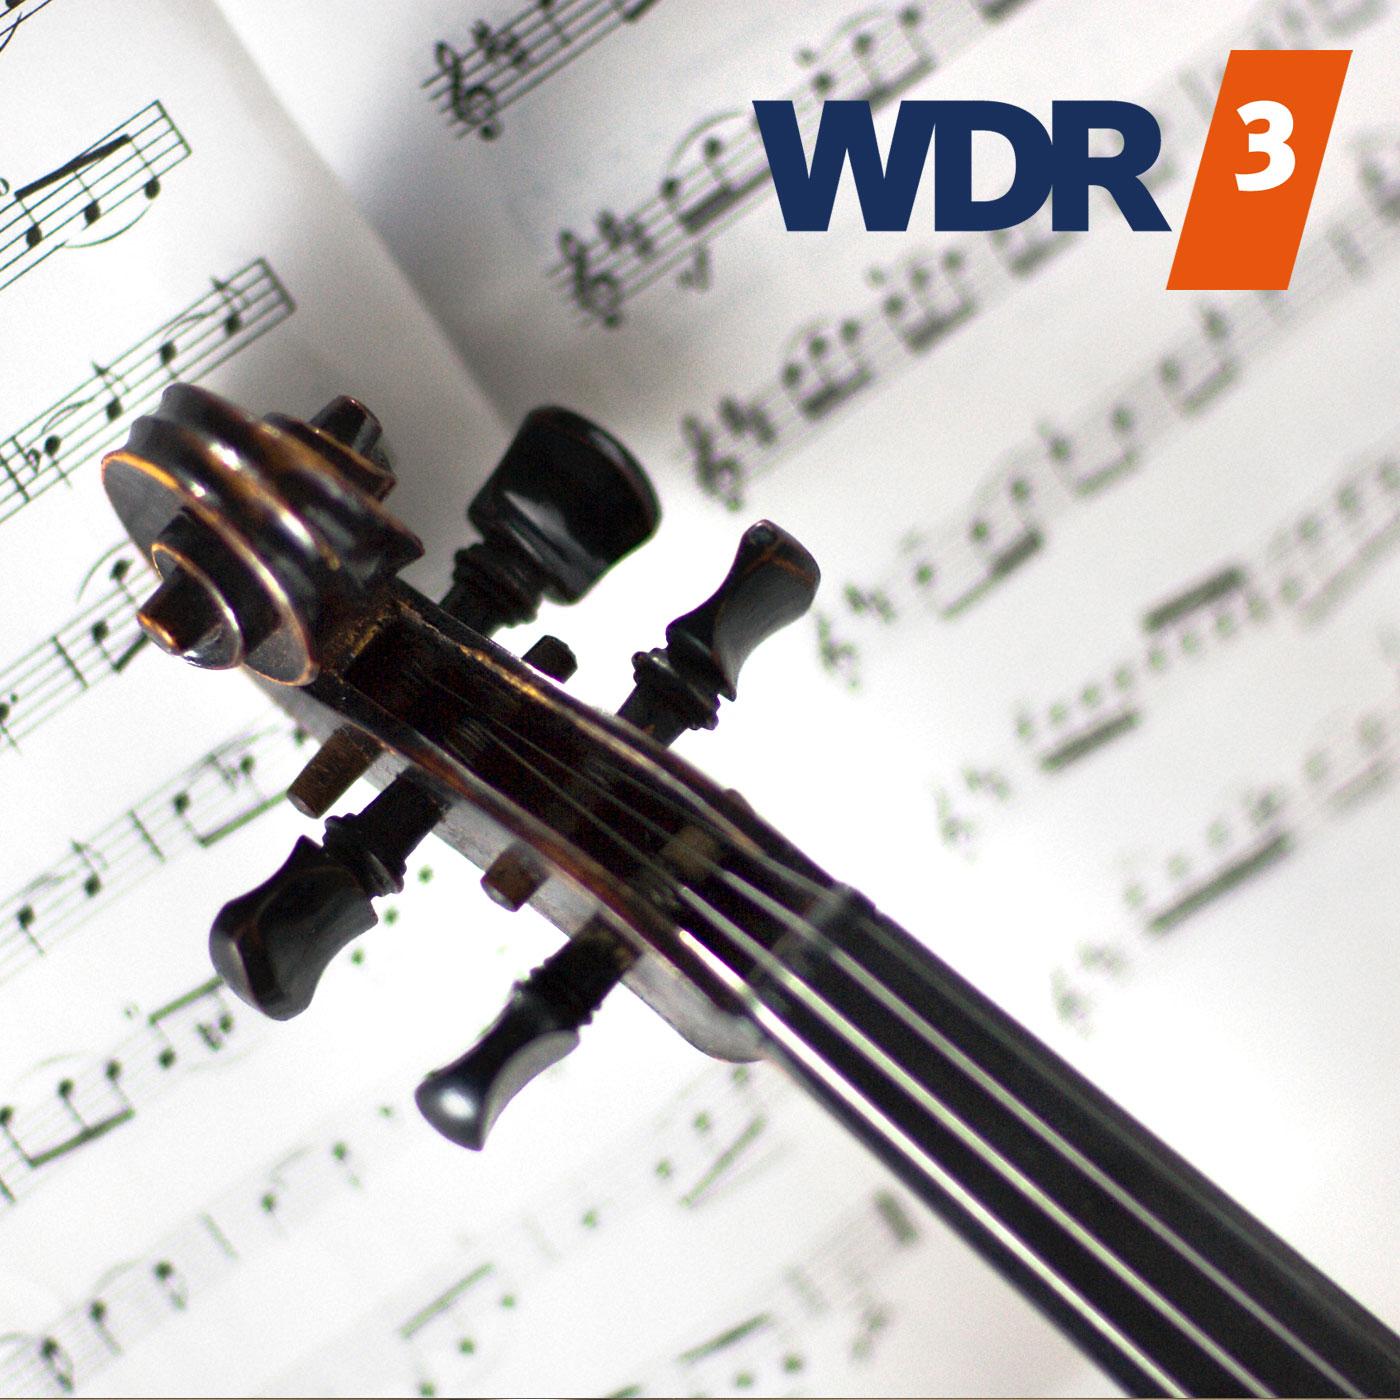 WDR 3 Zwischentöne - wird nicht mehr angeboten